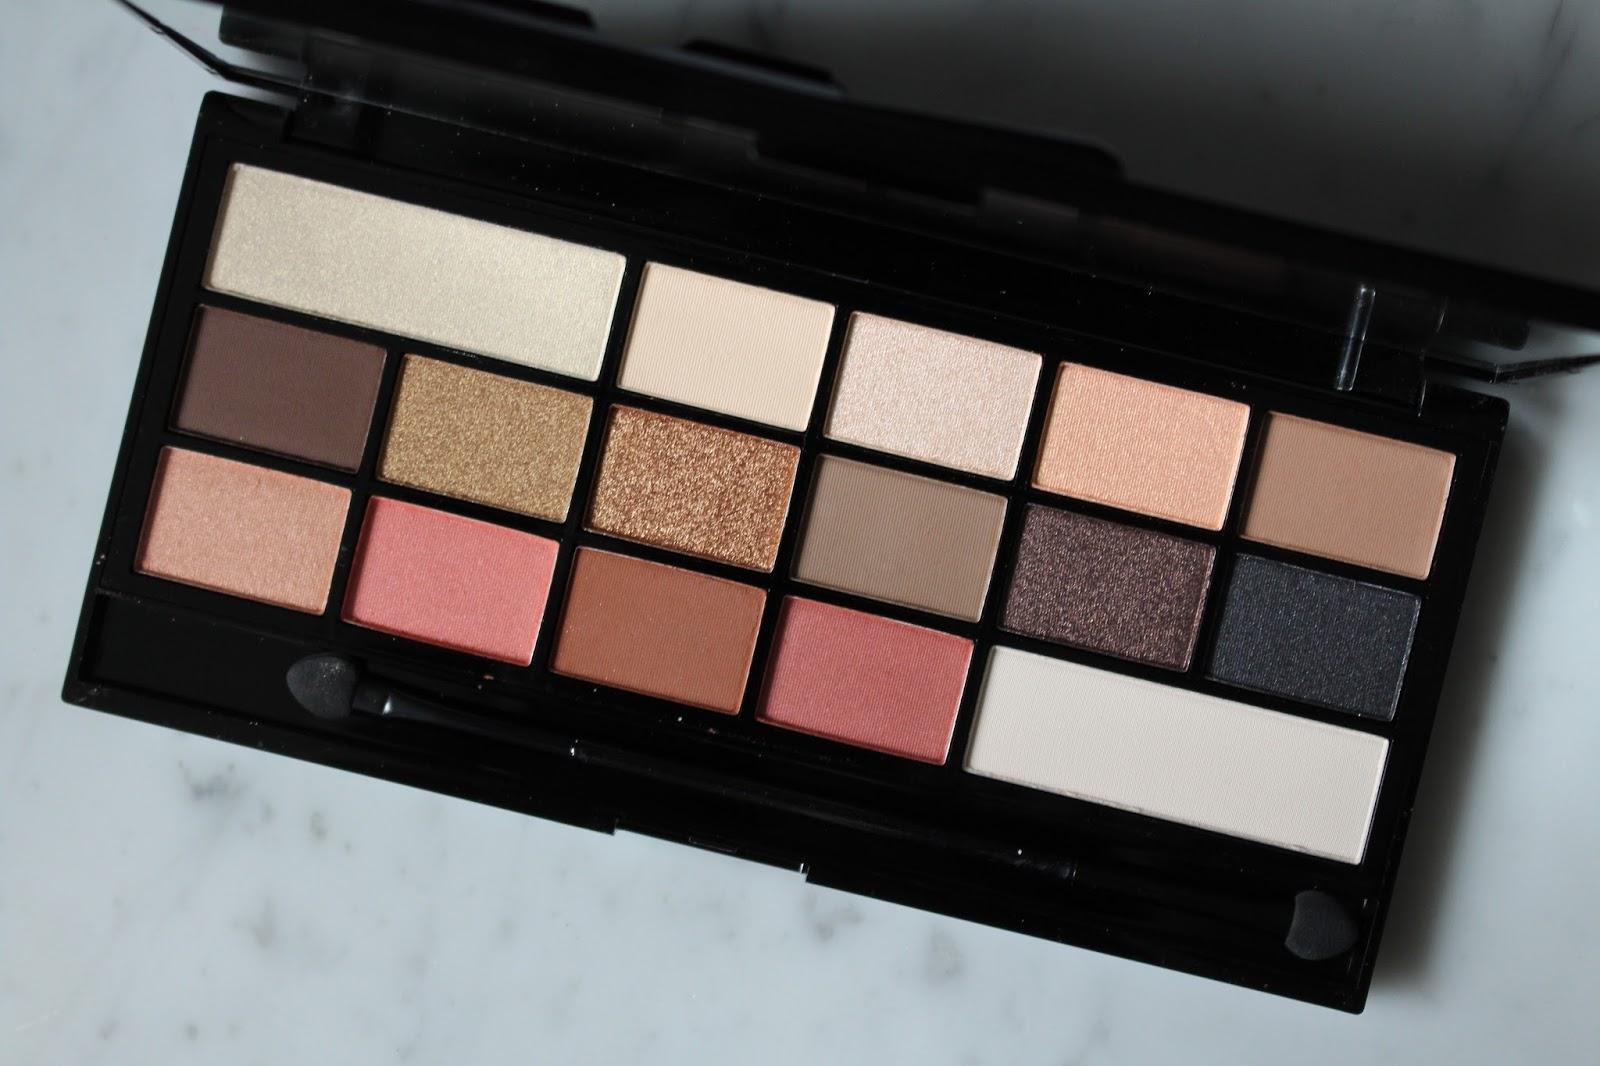 Makeup revolution i love makeup palette